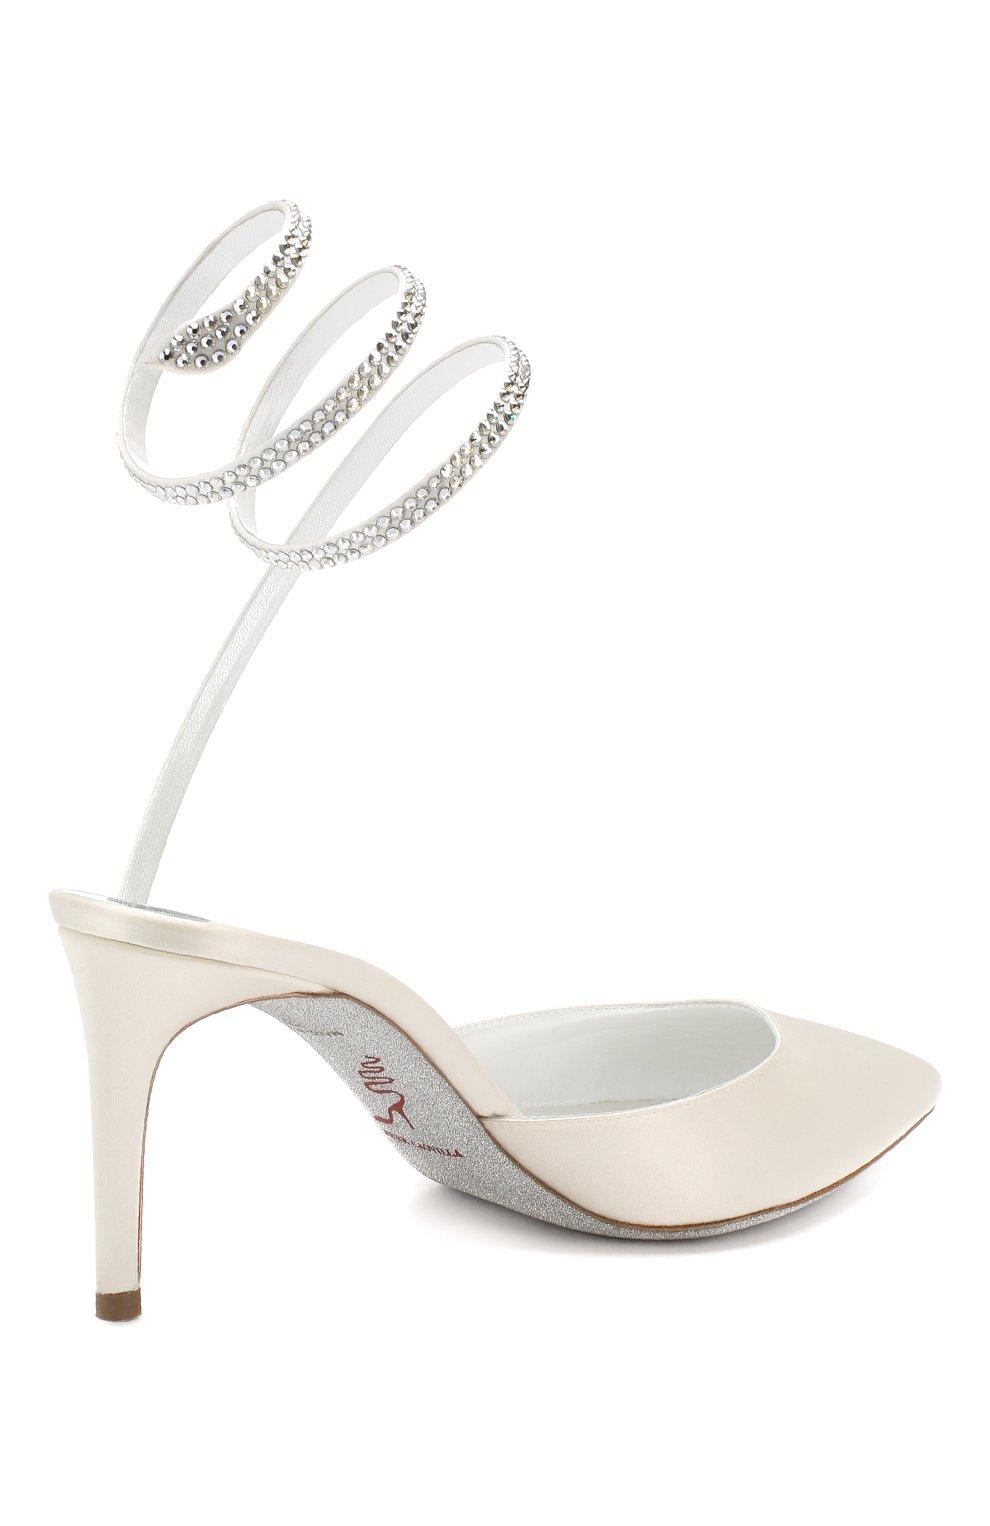 Текстильные туфли Cleo Rene Caovilla белые | Фото №4